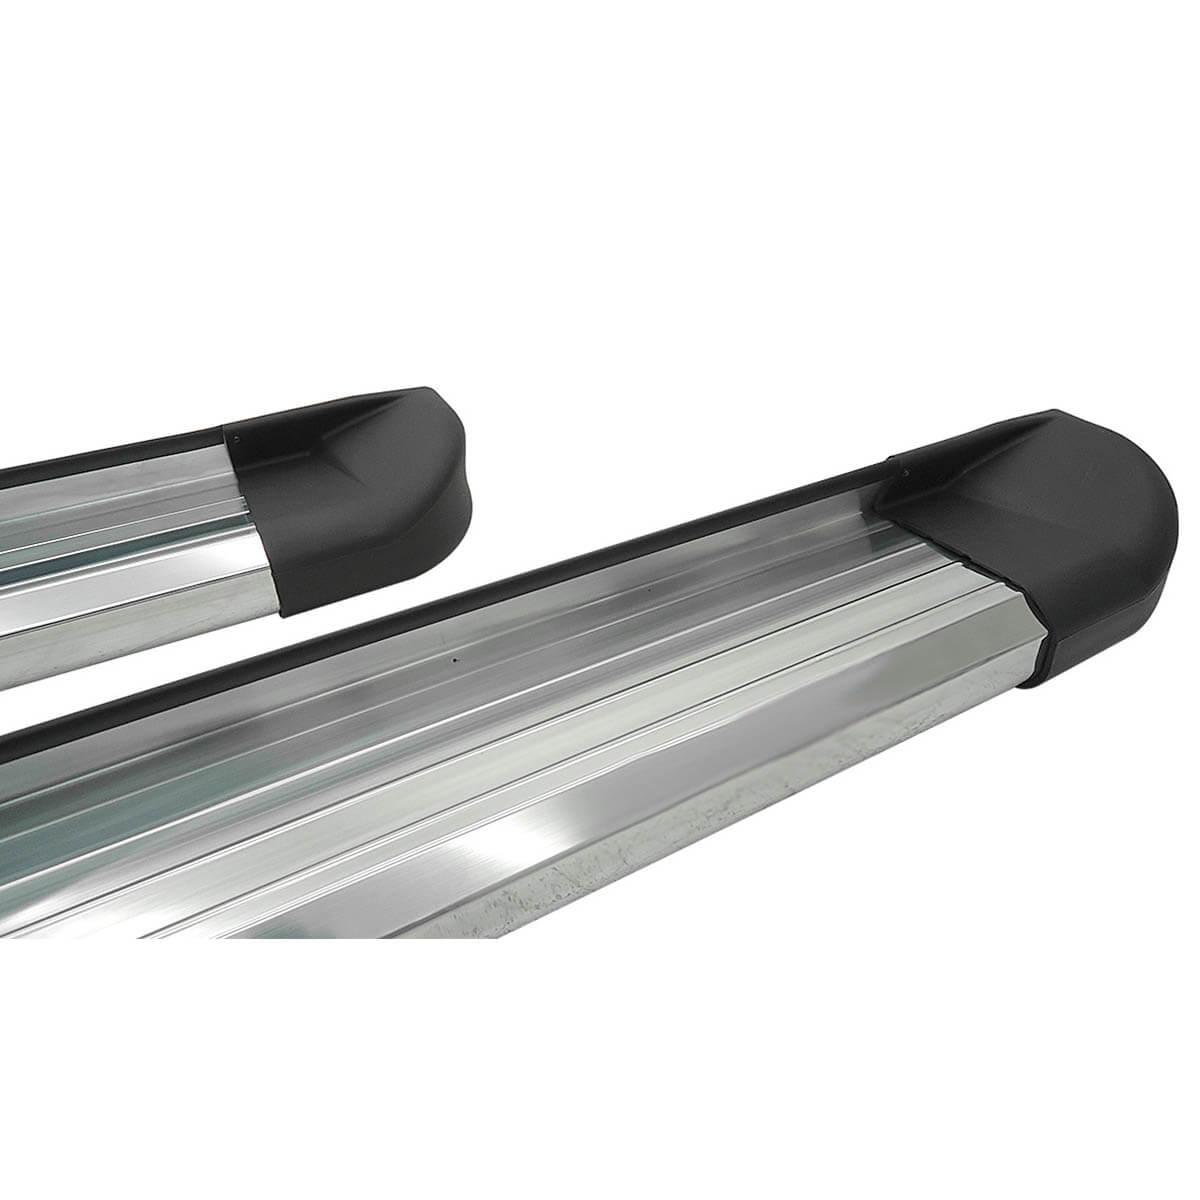 Estribo plataforma alumínio Duster 2012 a 2017